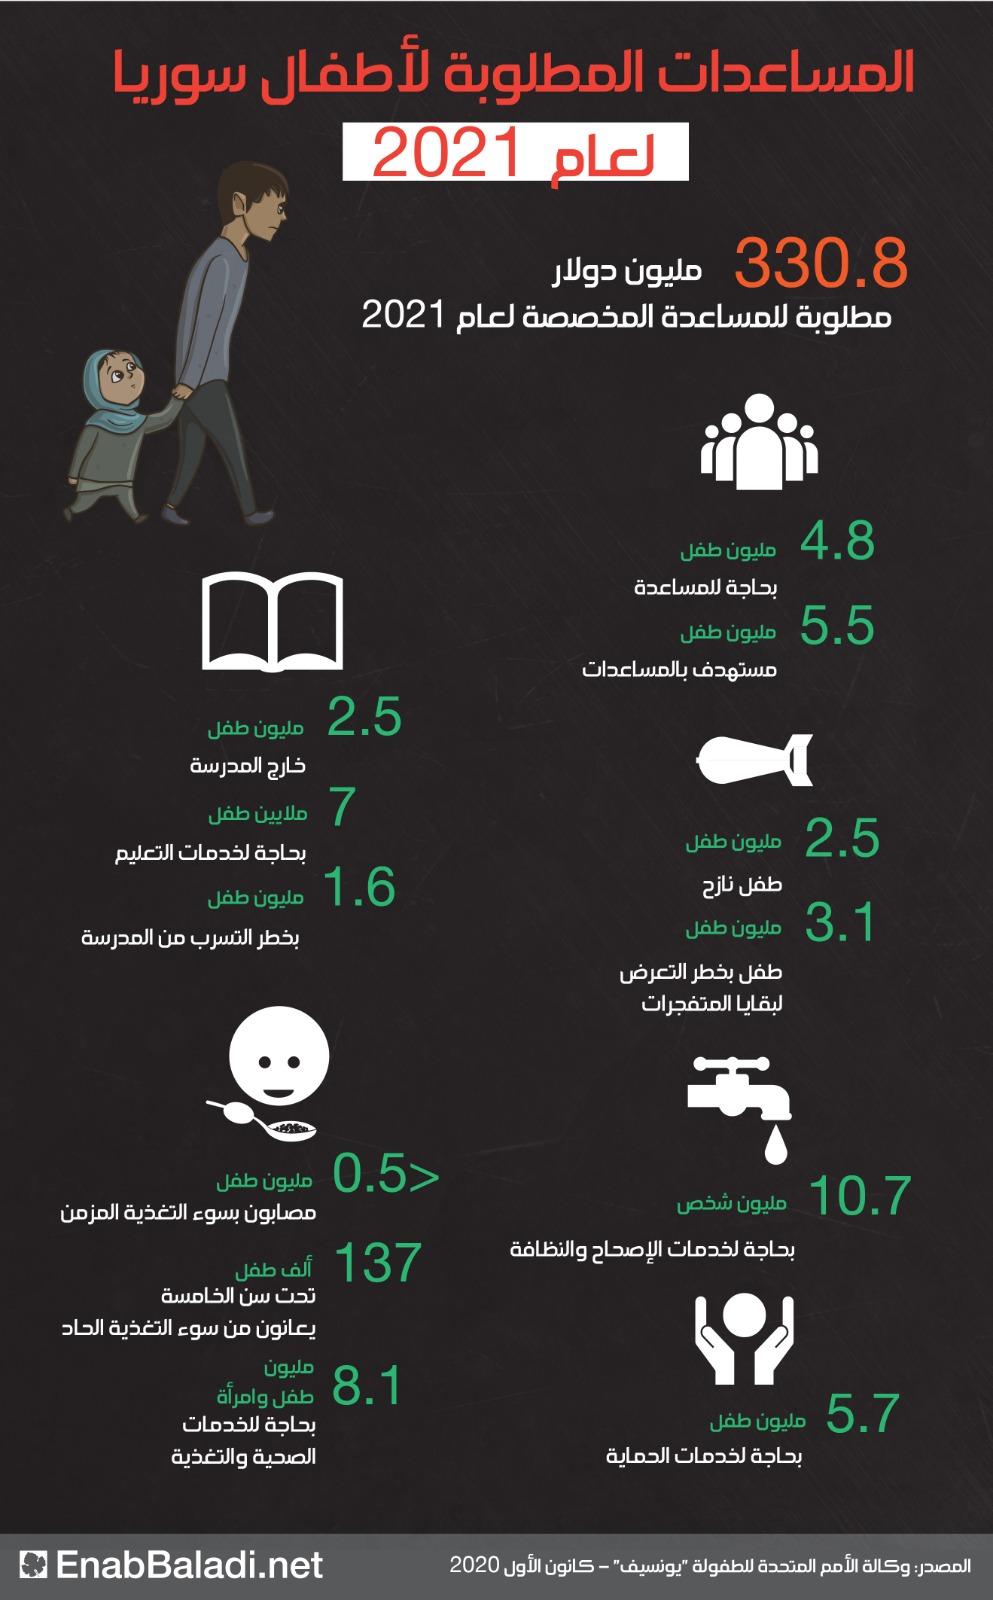 المساعدات المطلوبة لأطفال سوريا في 2021